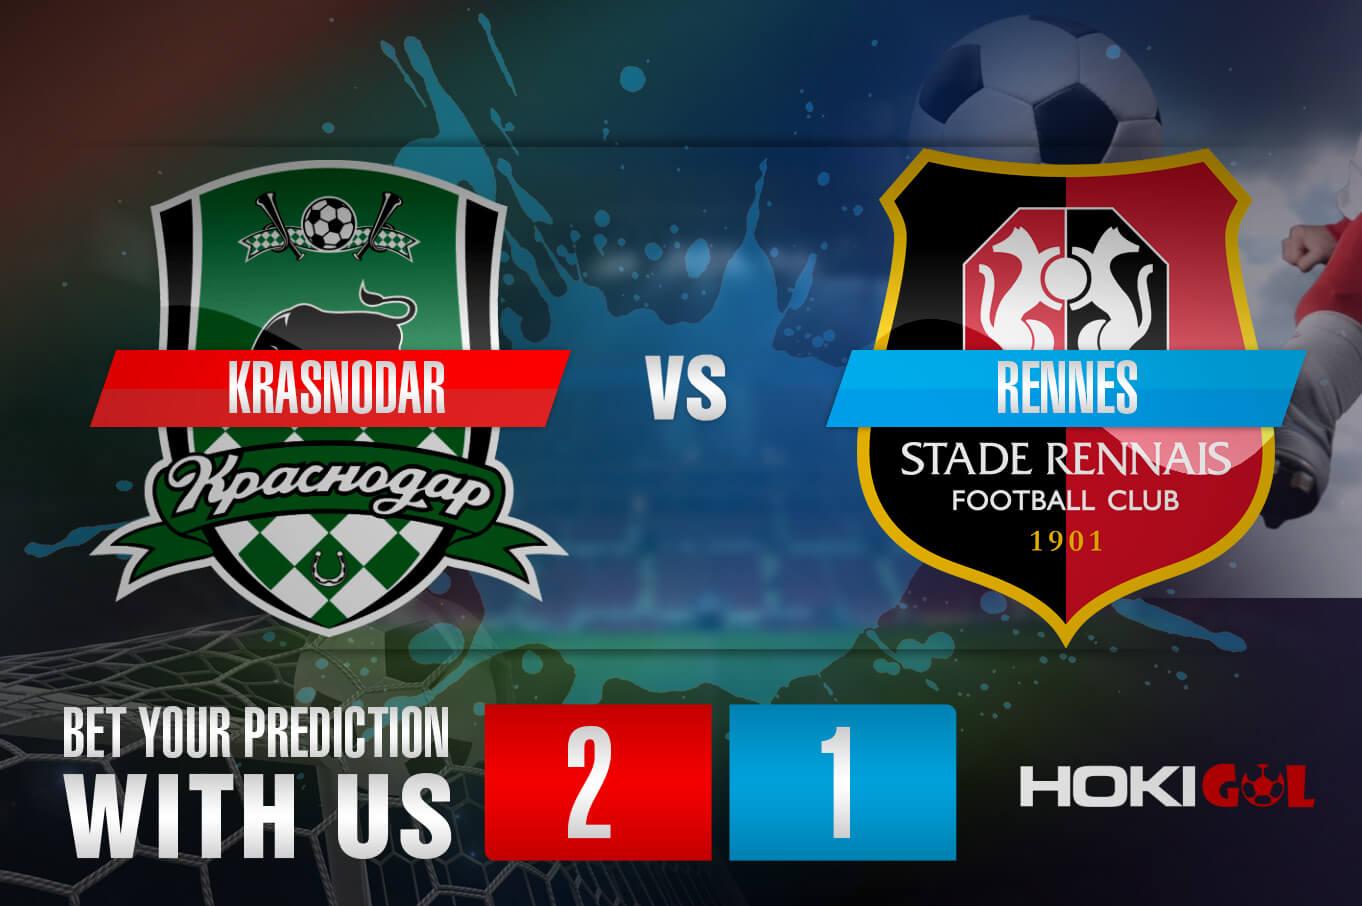 Prediksi Bola Krasnodar Vs Rennes 3 Desember 2020